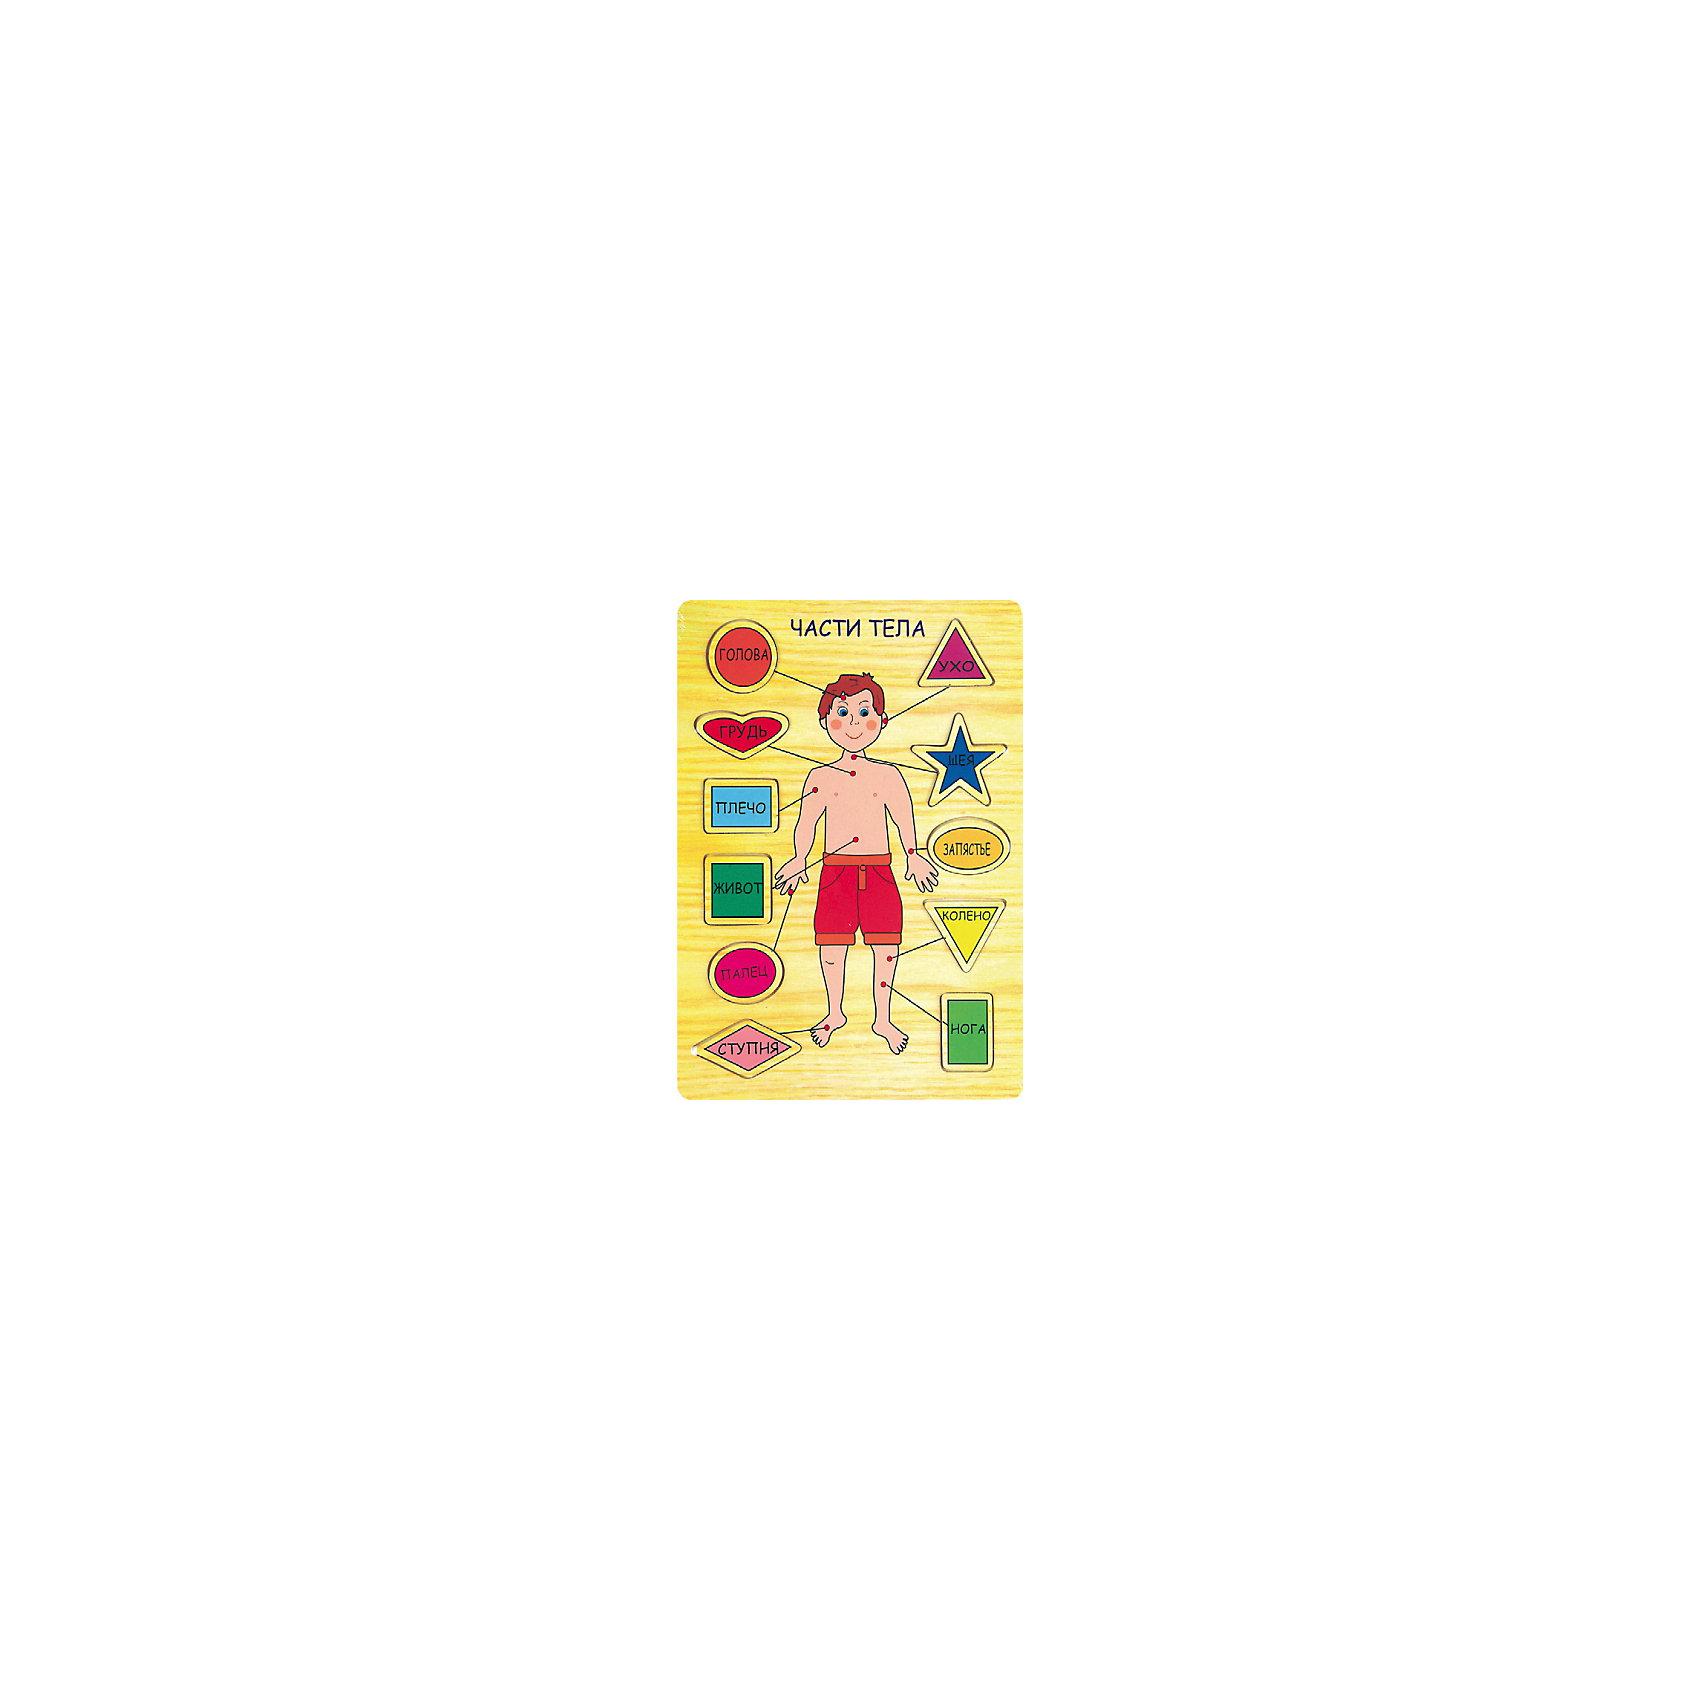 Части тела, Мир деревянных игрушекИгрушки для малышей<br>Части тела – комплект обучит не только человеческому телу, а еще цветам и формам.<br>Небольшое поле включает в себя комплекс, позволяющий одновременно выучить несколько вещей одновременно. Ребенок будет узнавать новые слова из темы «части тела», одновременно вставляя вкладыши в нужные формы. Все вкладыши разных цветов. Яркий красочный дизайн не тускнеет от частого пользования, а качественная натуральная древесина абсолютно безопасна для малышей. <br>Дополнительная информация:<br>- размер: 210х10х295<br>- вес: 400г<br>- материал: дерево <br>- возраст: от 3 лет<br><br>Части тела можно купить в нашем интернет-магазине.<br><br>Ширина мм: 210<br>Глубина мм: 10<br>Высота мм: 295<br>Вес г: 400<br>Возраст от месяцев: 36<br>Возраст до месяцев: 2147483647<br>Пол: Унисекс<br>Возраст: Детский<br>SKU: 4895880